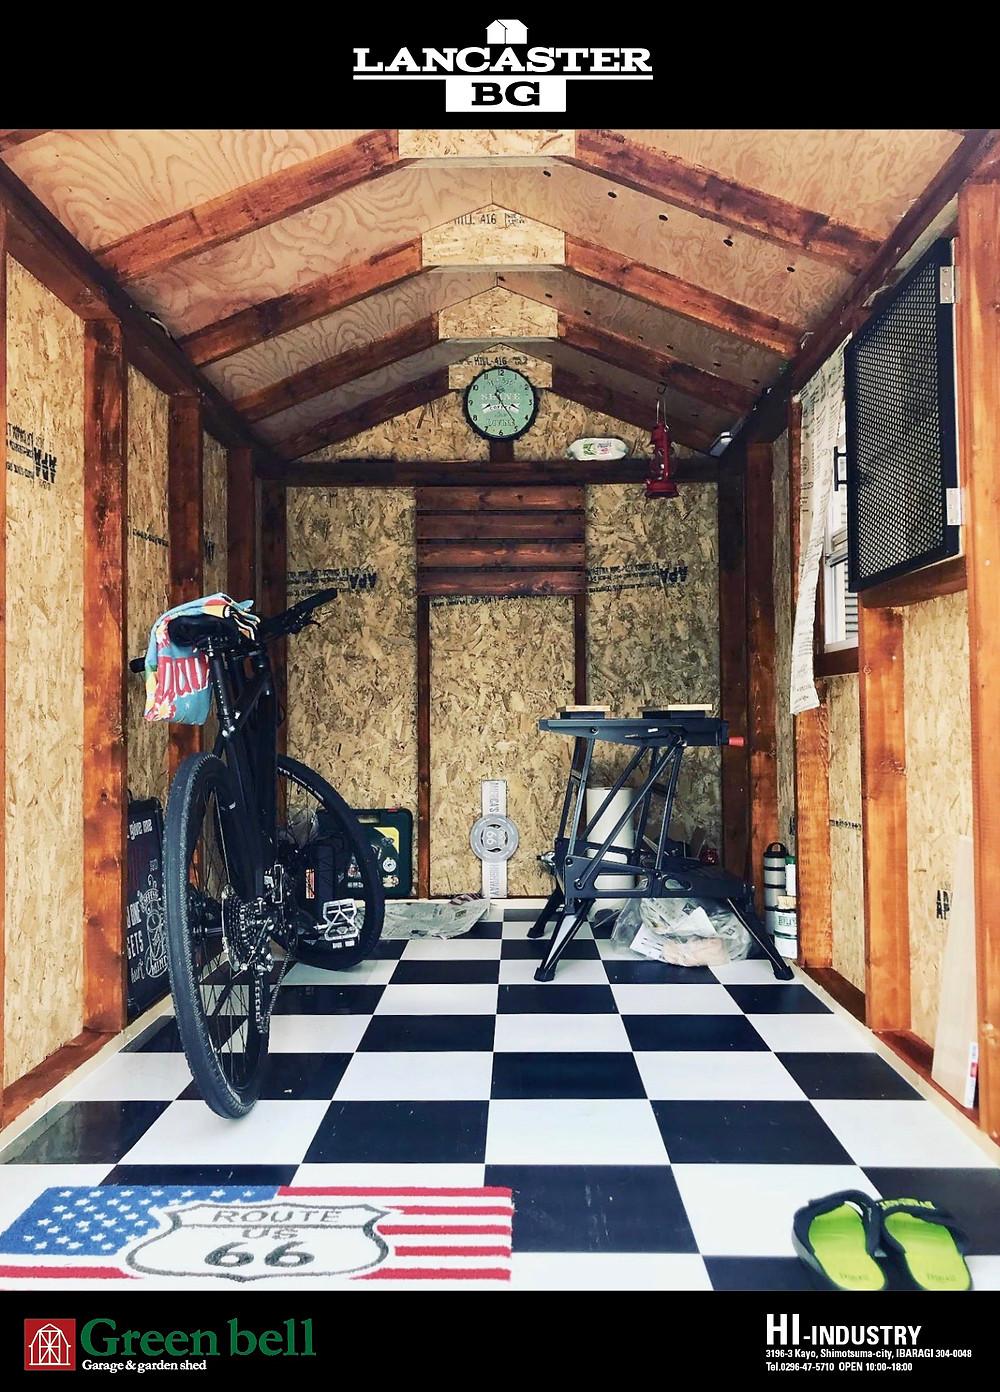 バイクガレージとして人気のランカスターBGは、バイクや自転車の収納やおしゃれ物置としてガーデニングの用具の収納にも適しています。